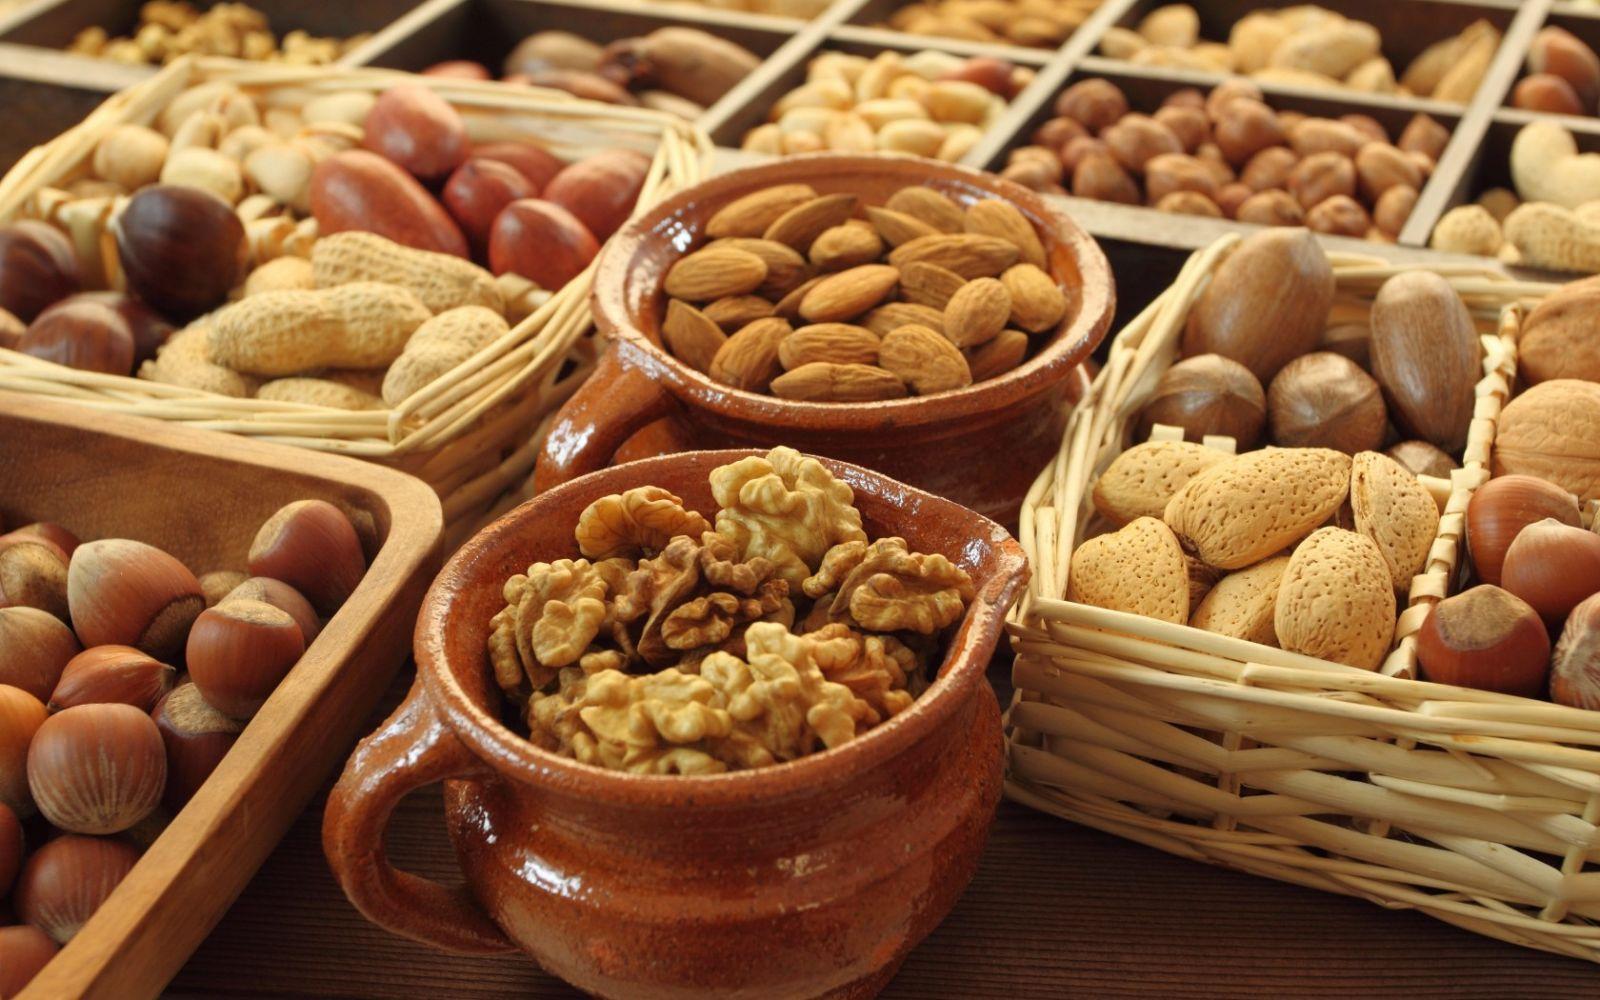 Зачем вы себя обманываете: развеиваем популярные мифы о питании и диетах - фото №2